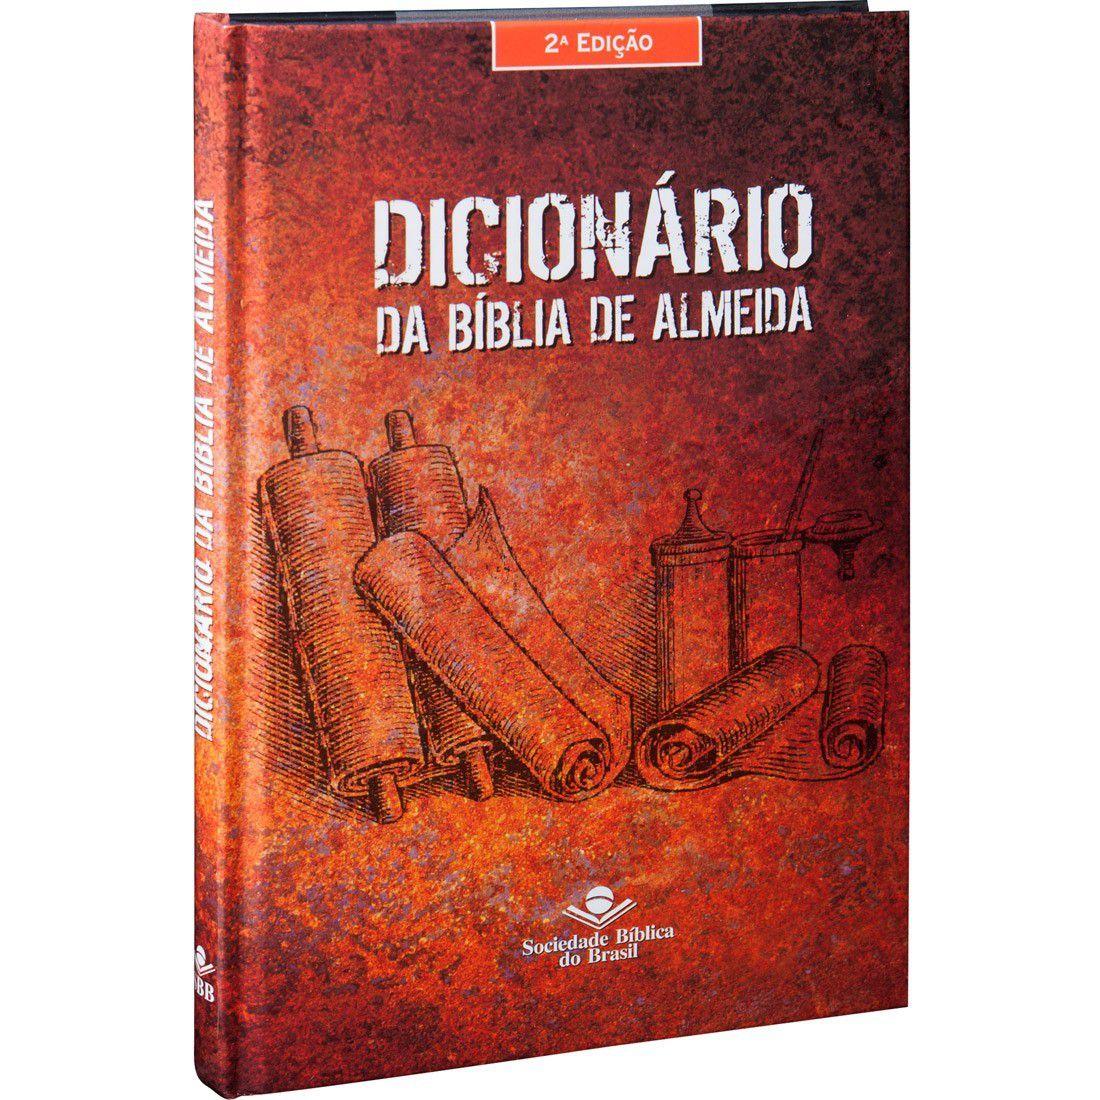 Dicionário da Bíblia de Almeida ? 2ª Edição